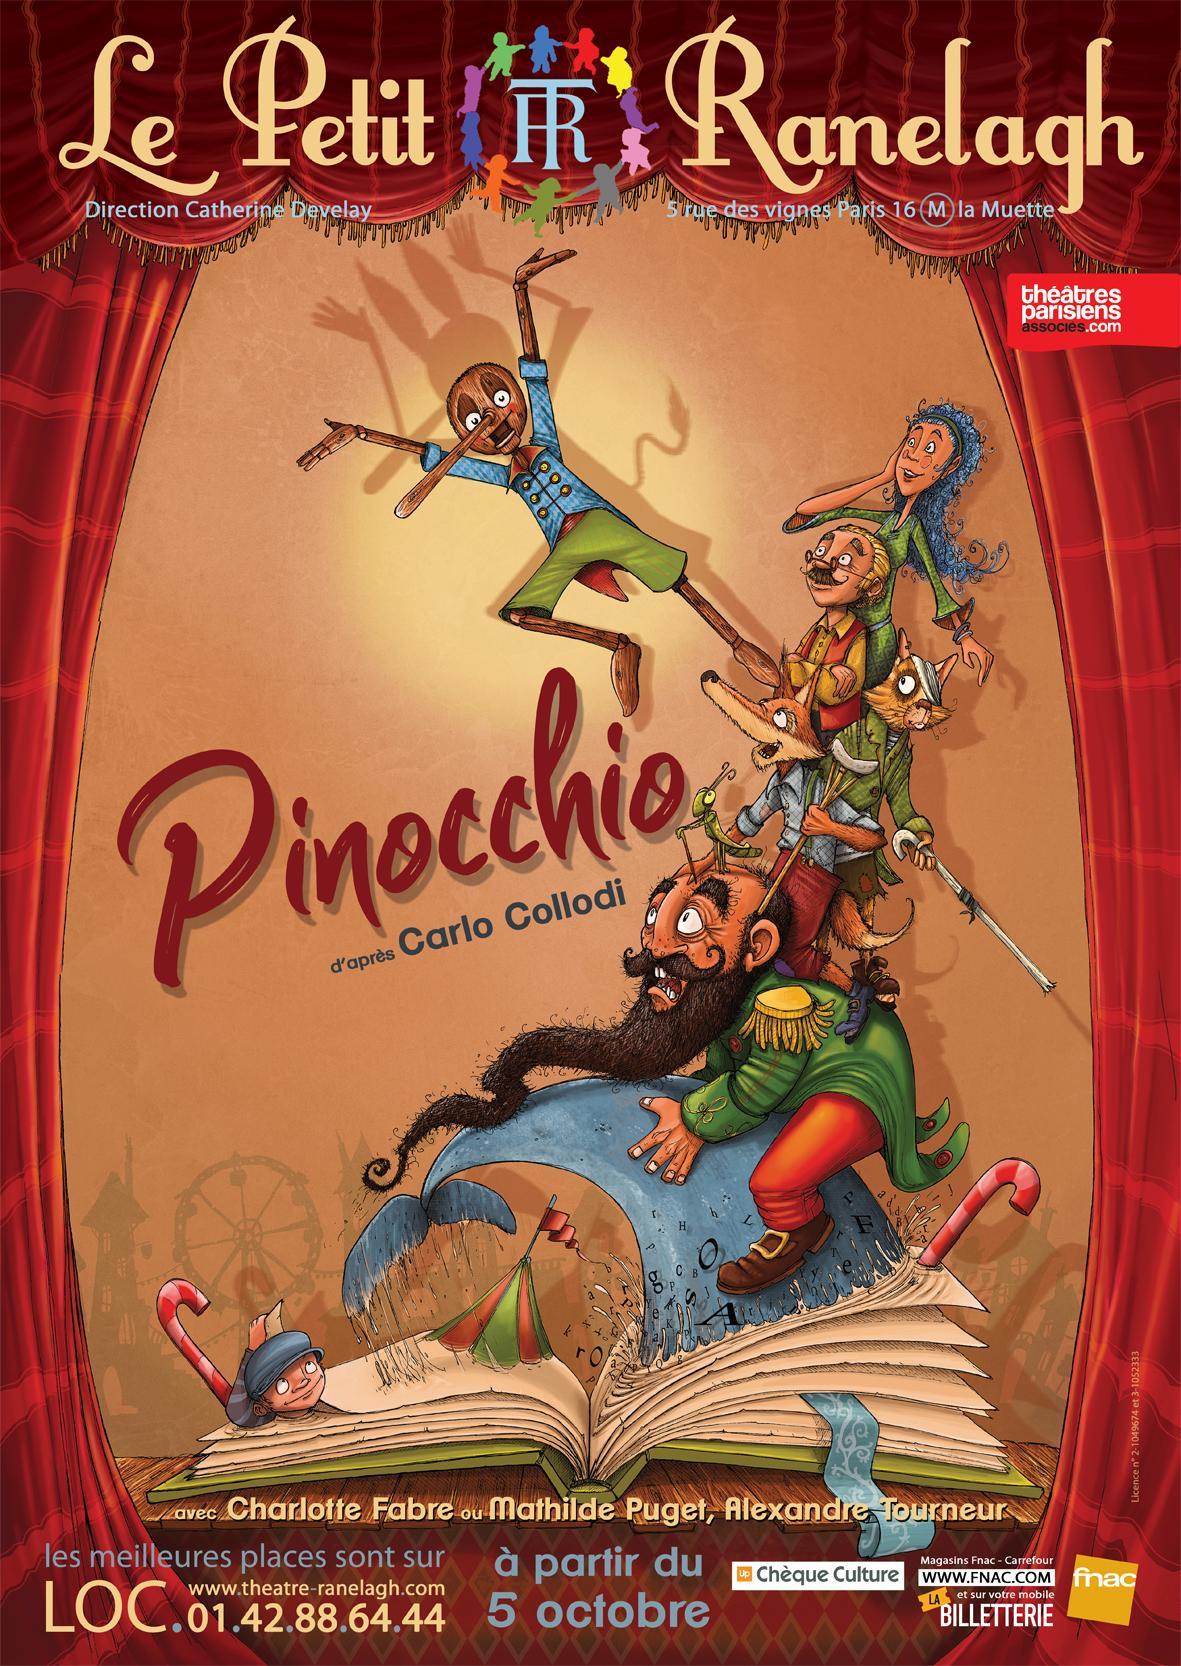 Bientôt, rendez-vous avec Pinocchio.